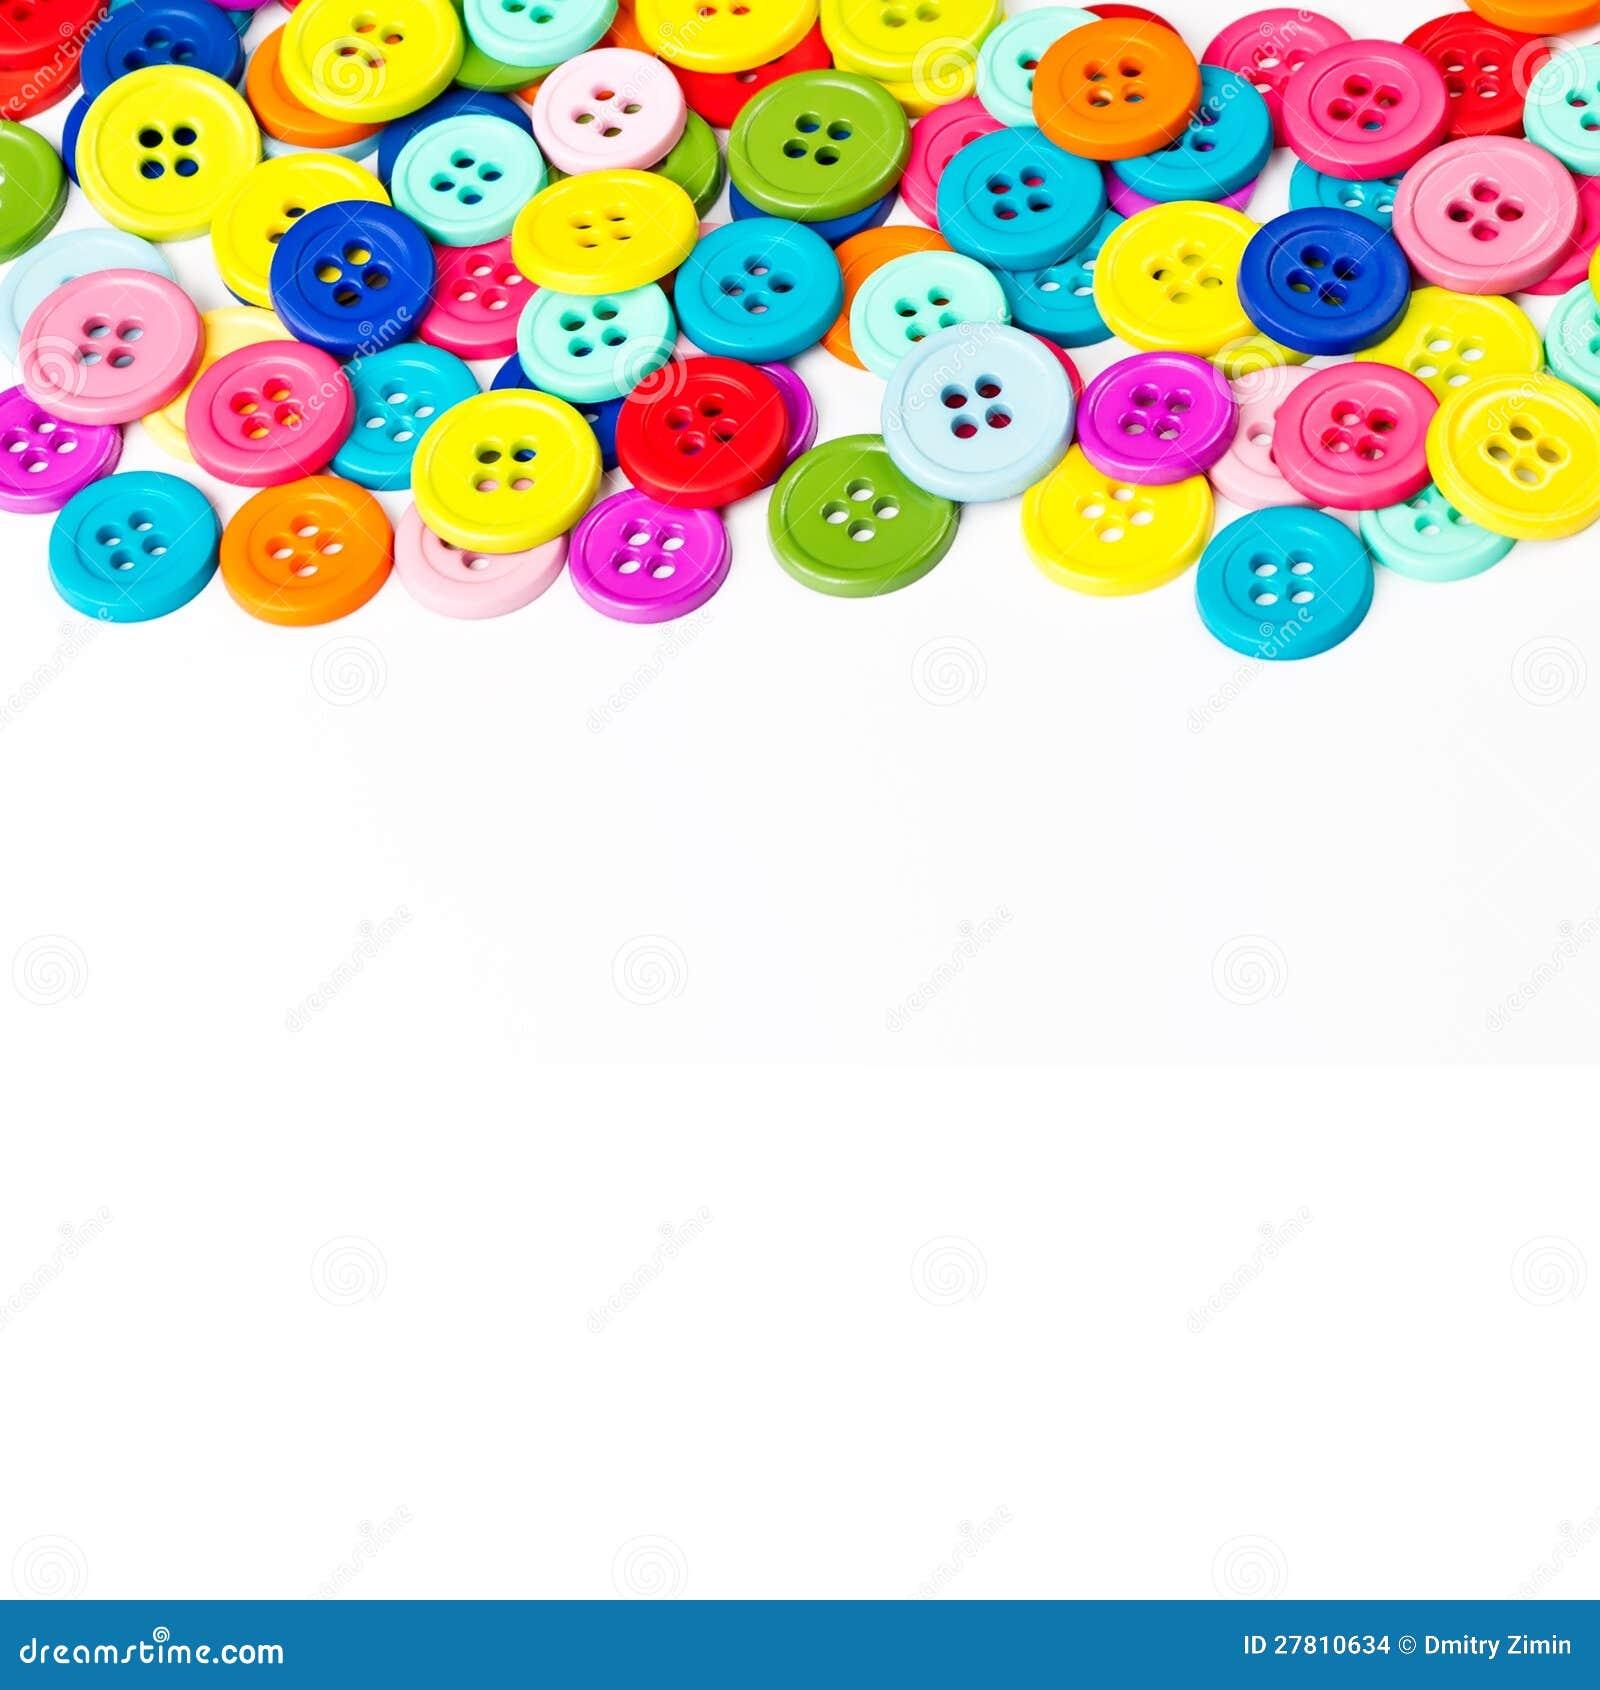 clothes buttons clip art - photo #41